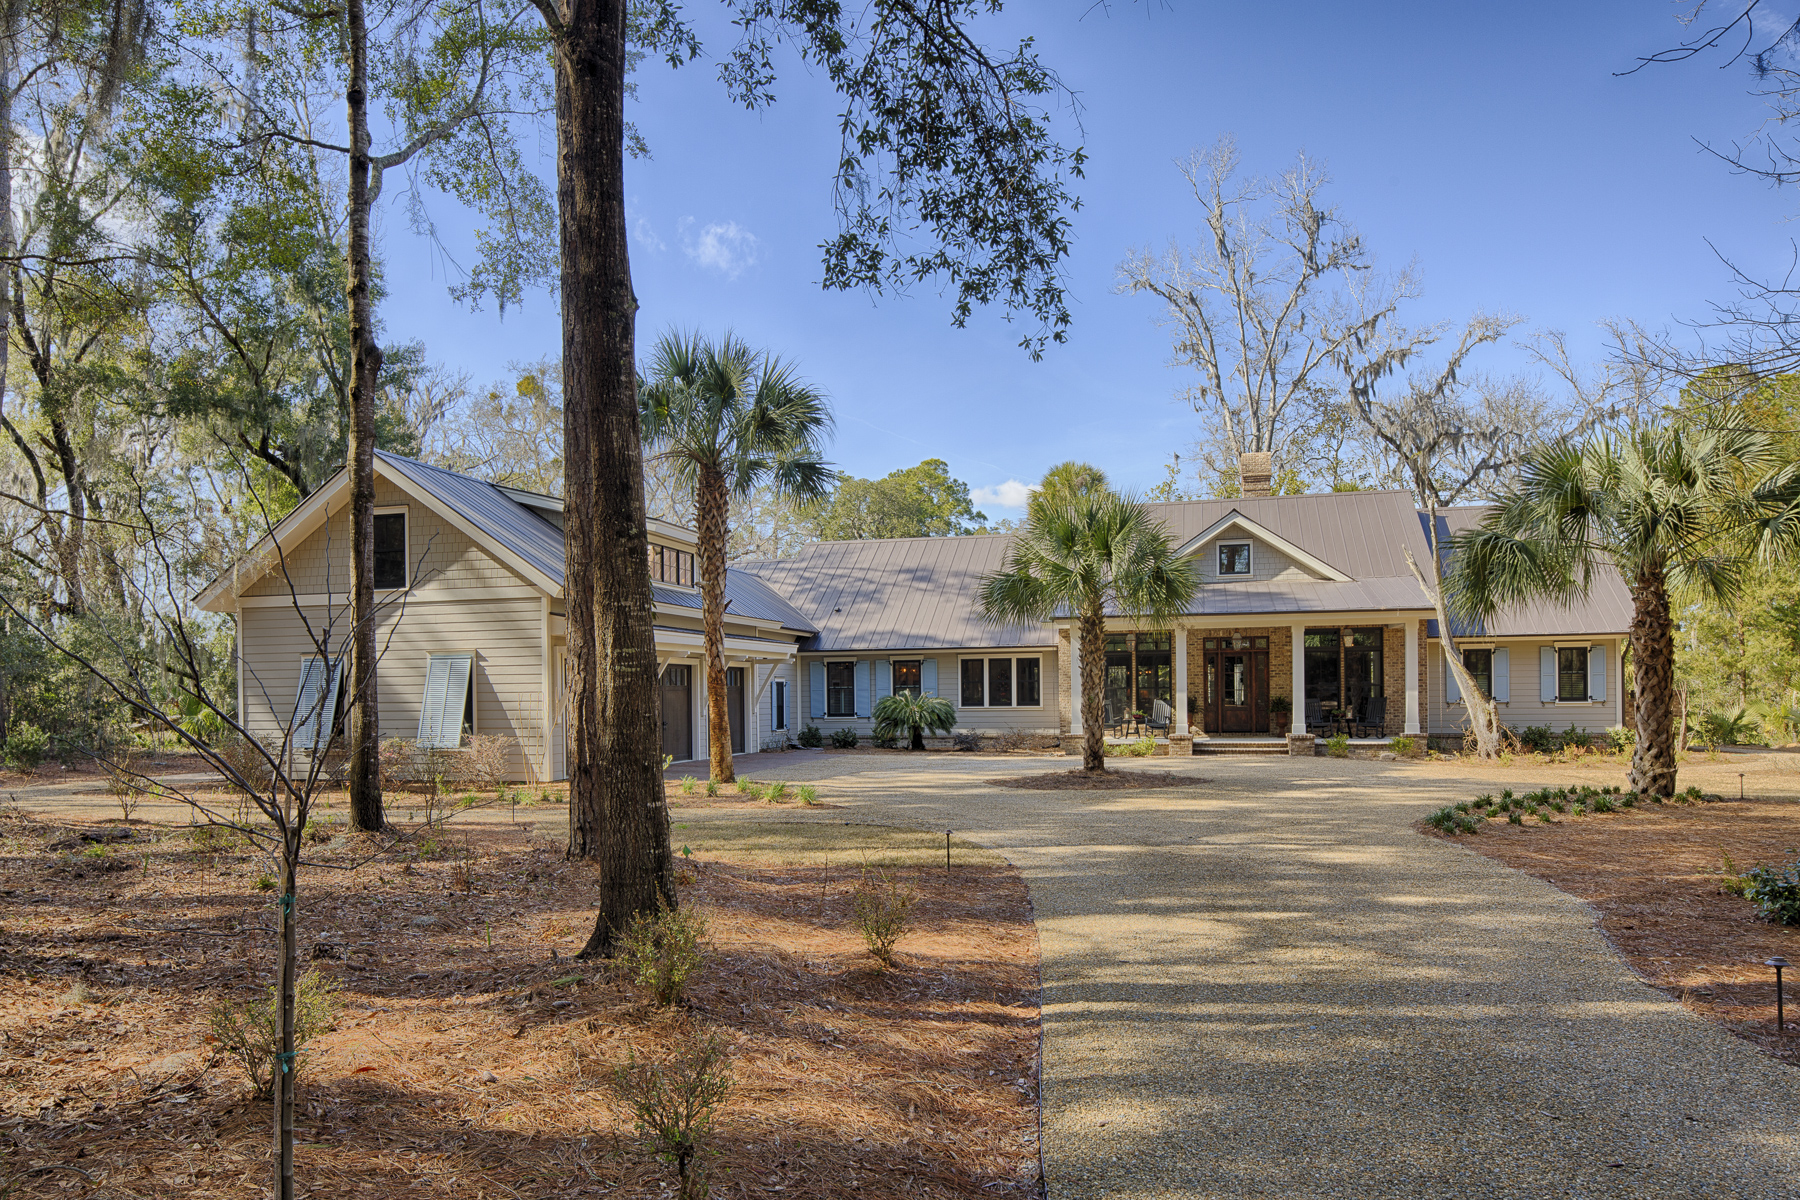 独户住宅 为 销售 在 Palmetto Bluff 117 Mount Pelia Road Palmetto Bluff, 布拉夫顿, 南卡罗来纳州 29910 美国